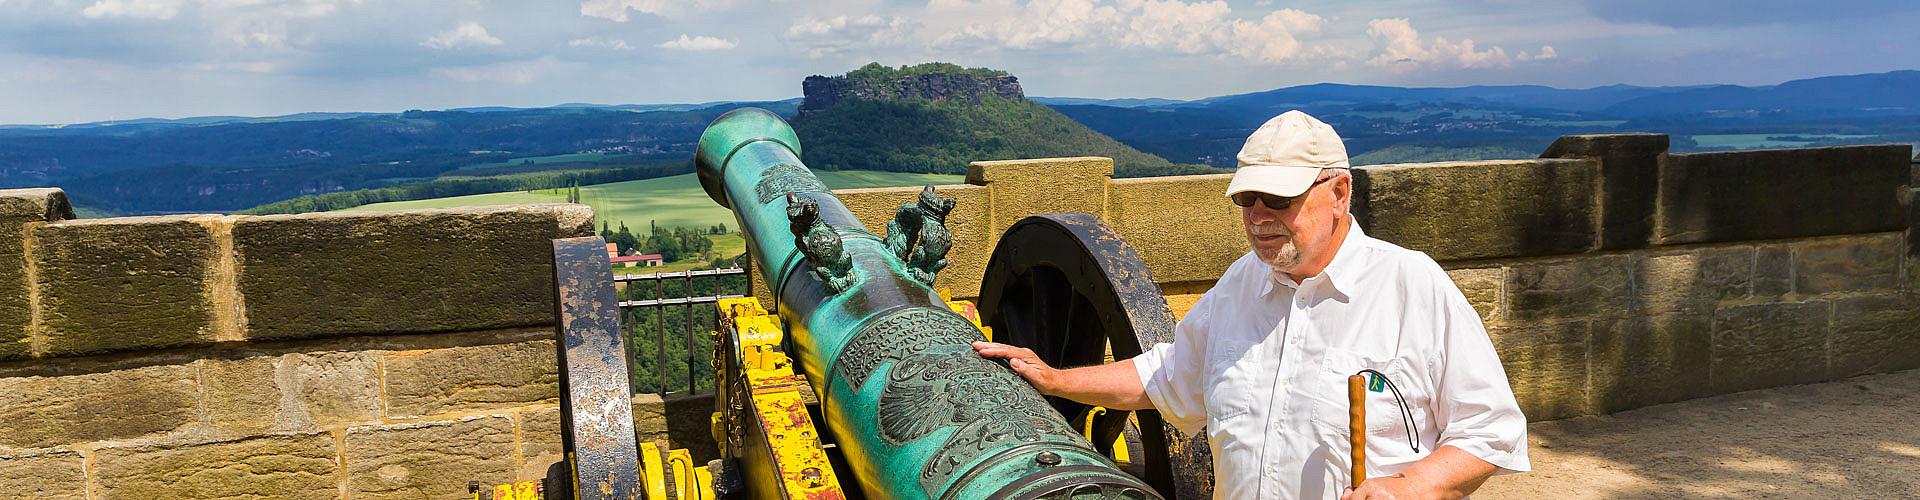 Anfassen erwünscht: Auf dem Außengelände der Festung Königstein.